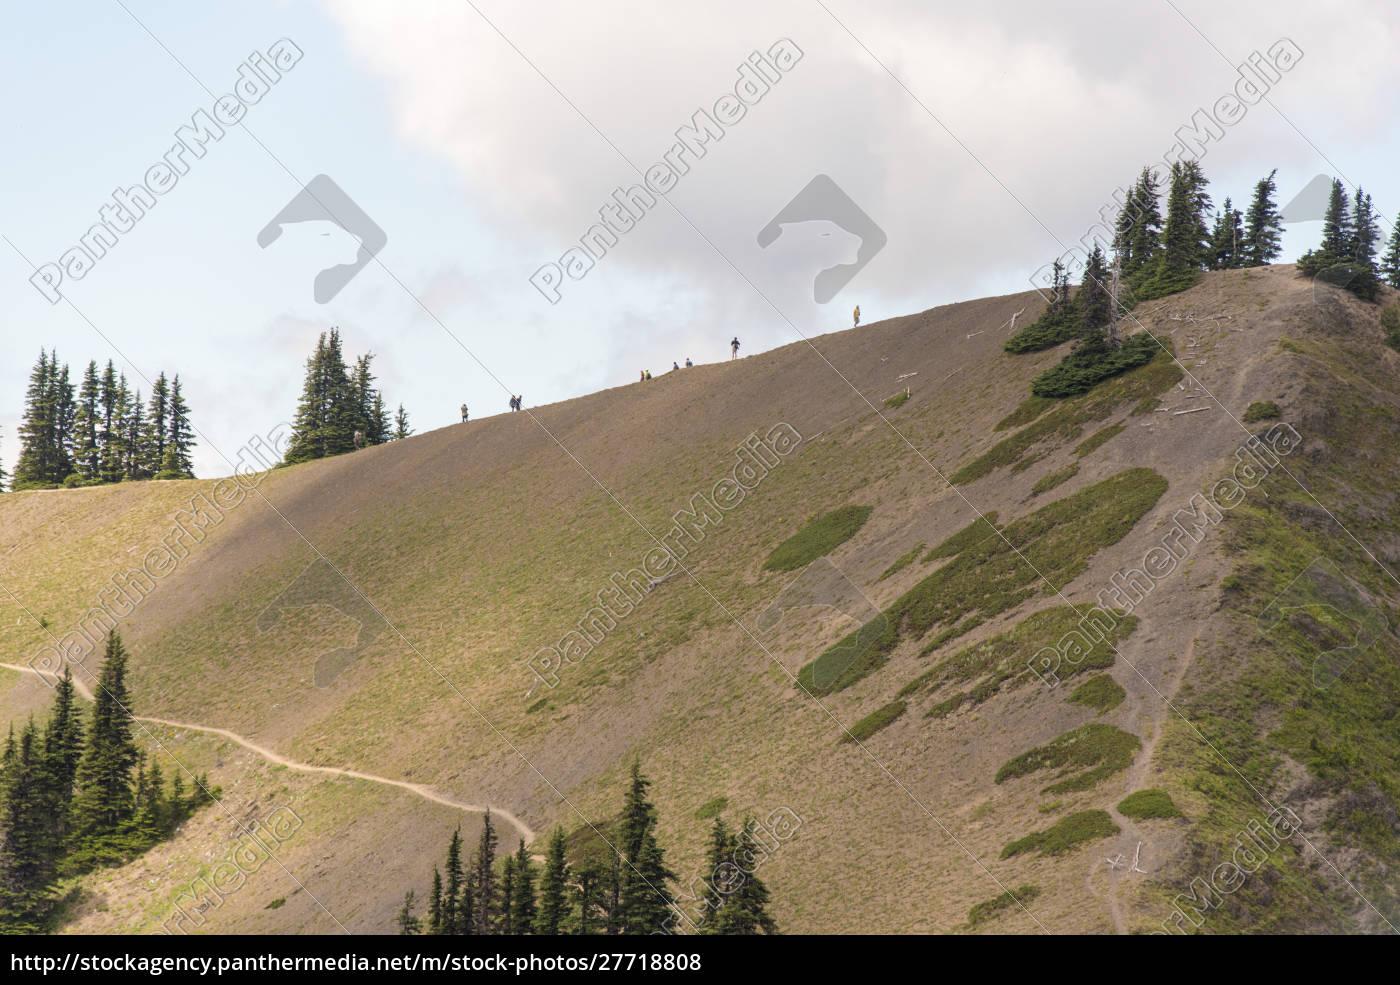 estados, unidos, estado, de, washington, hikers, del, parque - 27718808